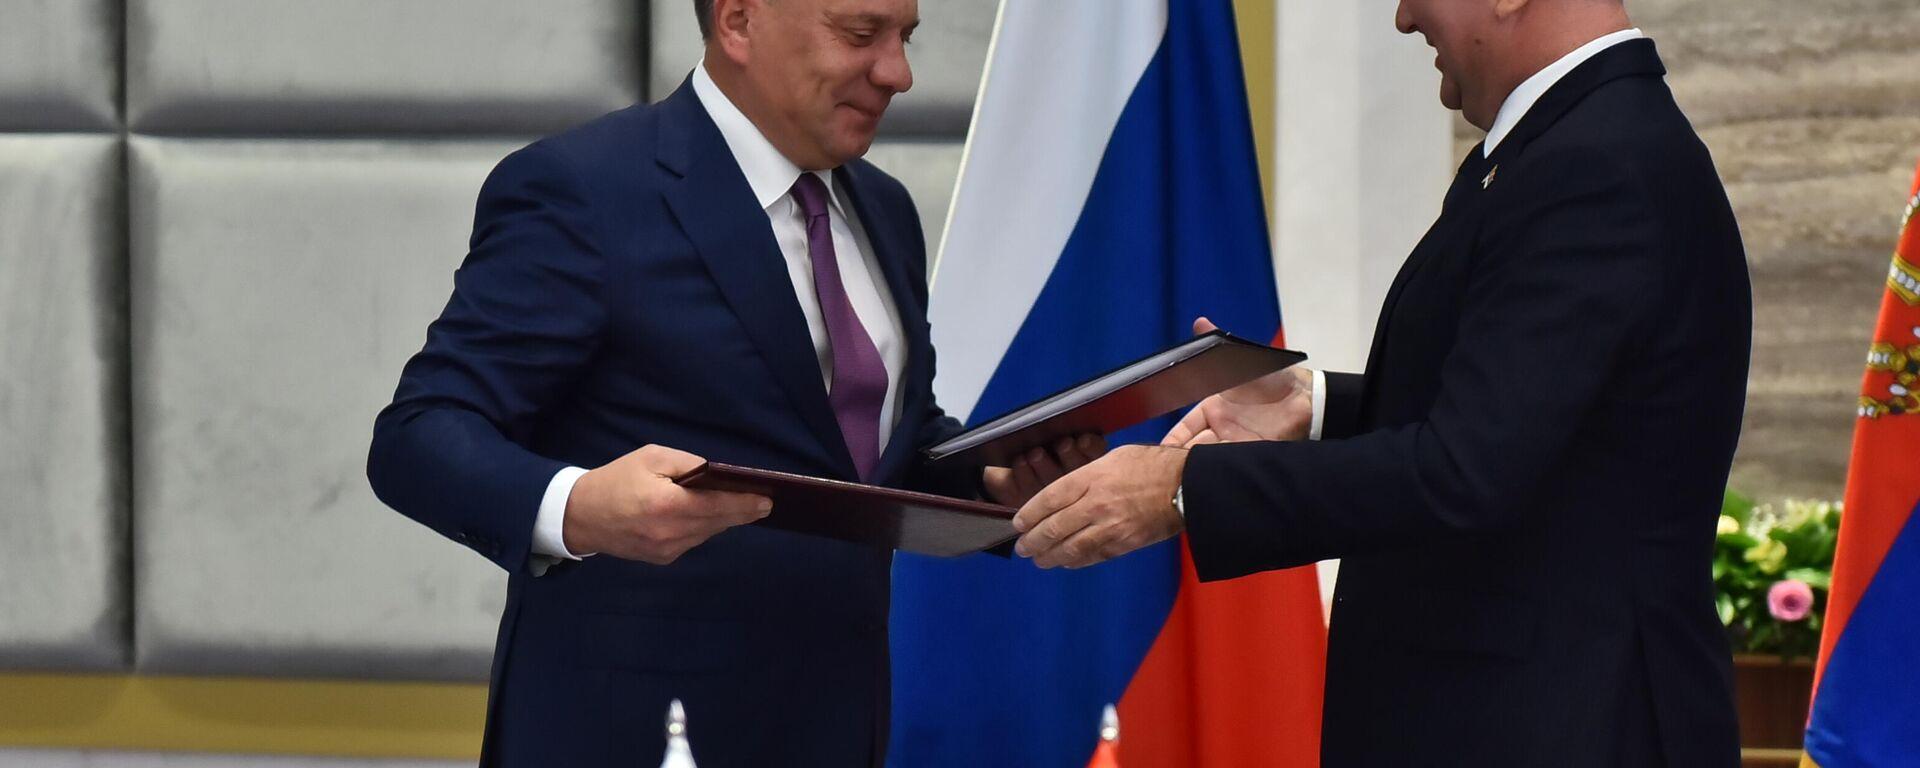 Potpisivanje ugovora o isporuci gasa iz Rusije u Srbiju - Sputnik Srbija, 1920, 07.10.2021